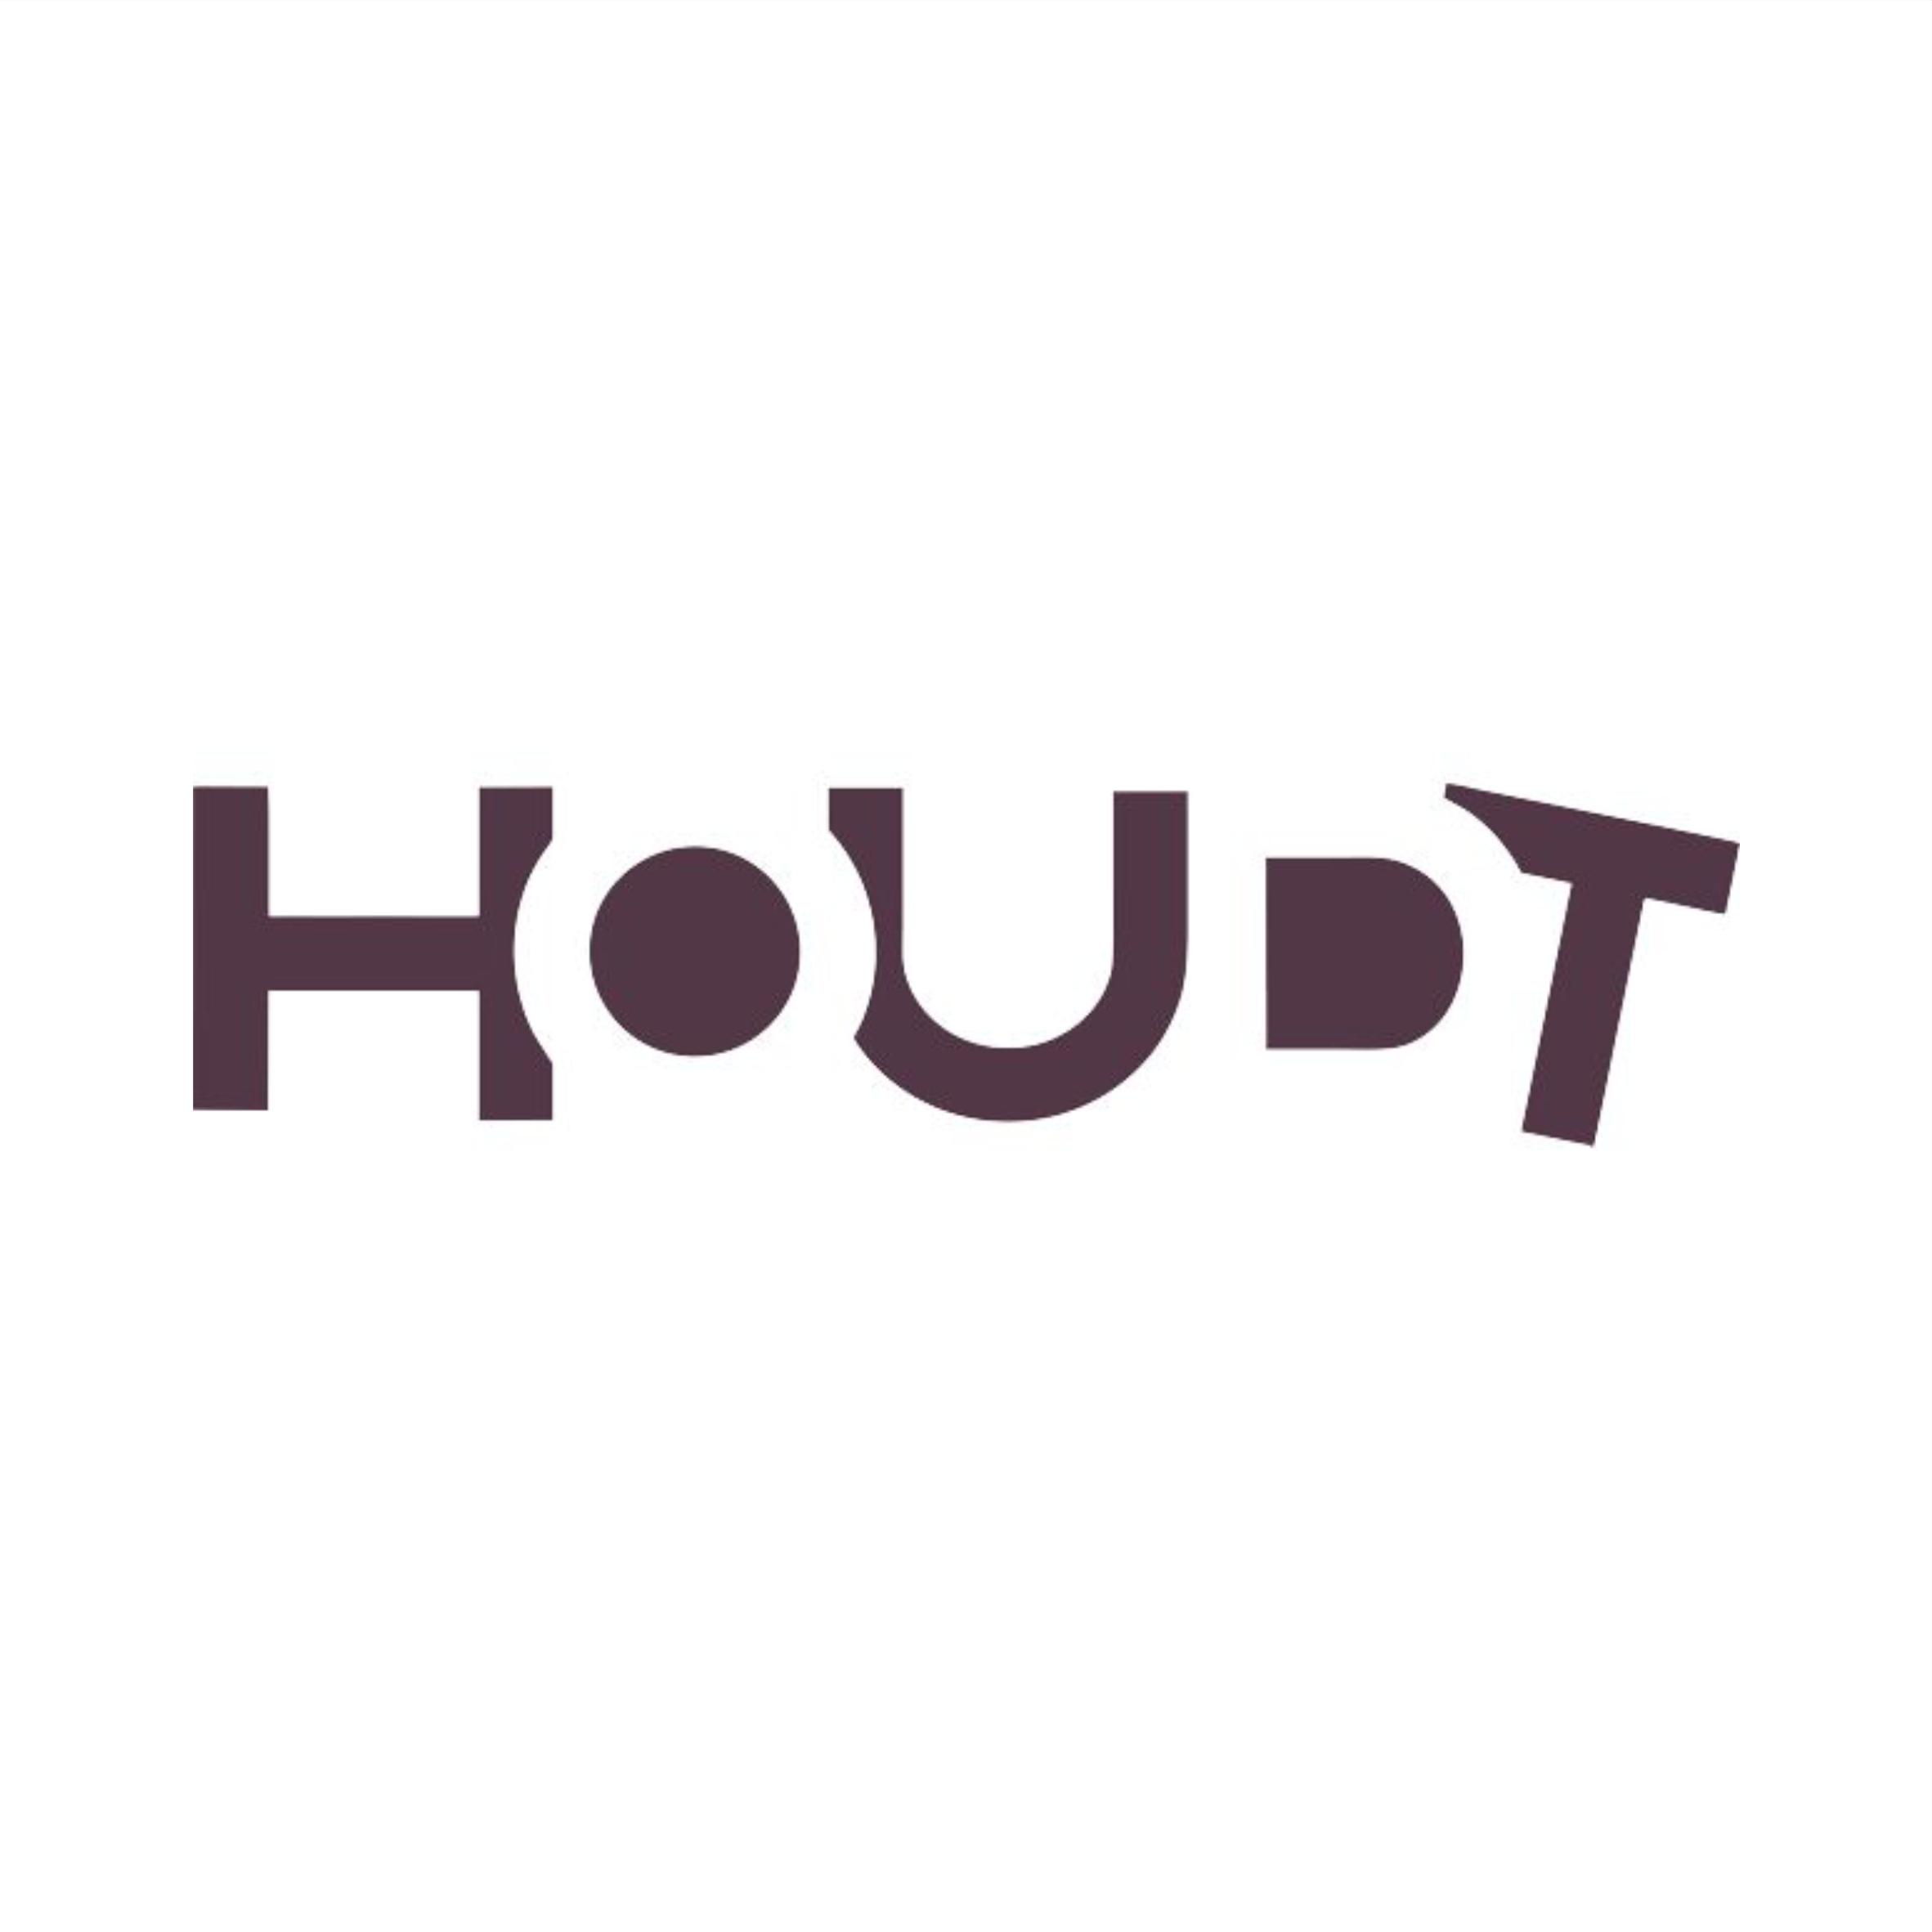 concepts-logo-houdt-werkterrein-kwartiermaken